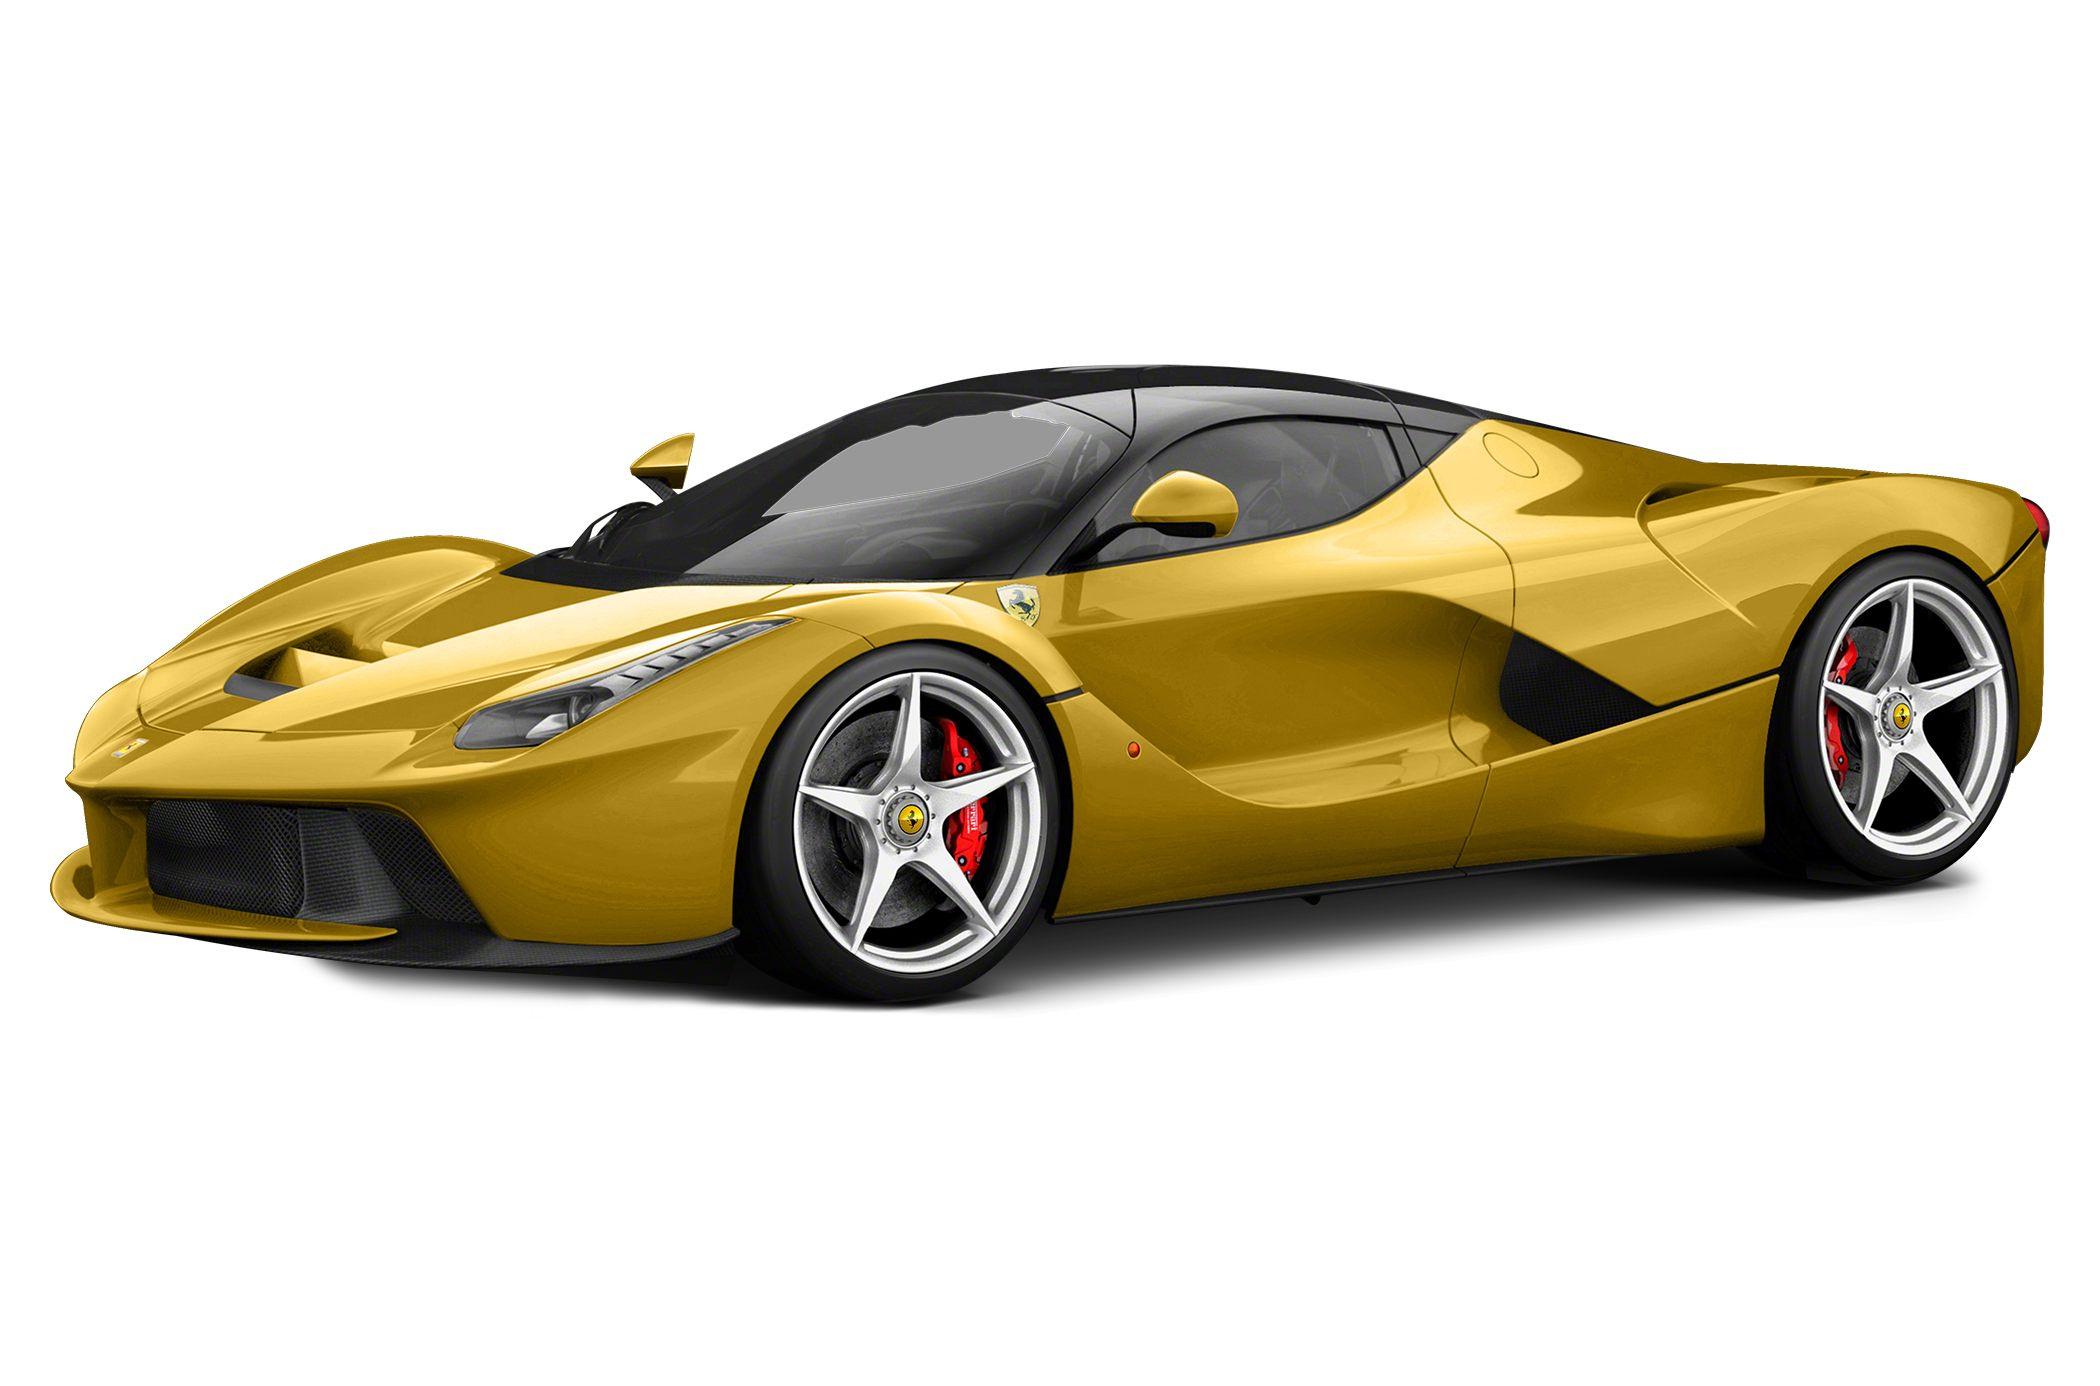 2015 Ferrari LaFerrari: First Drive Photo Gallery - Autoblog